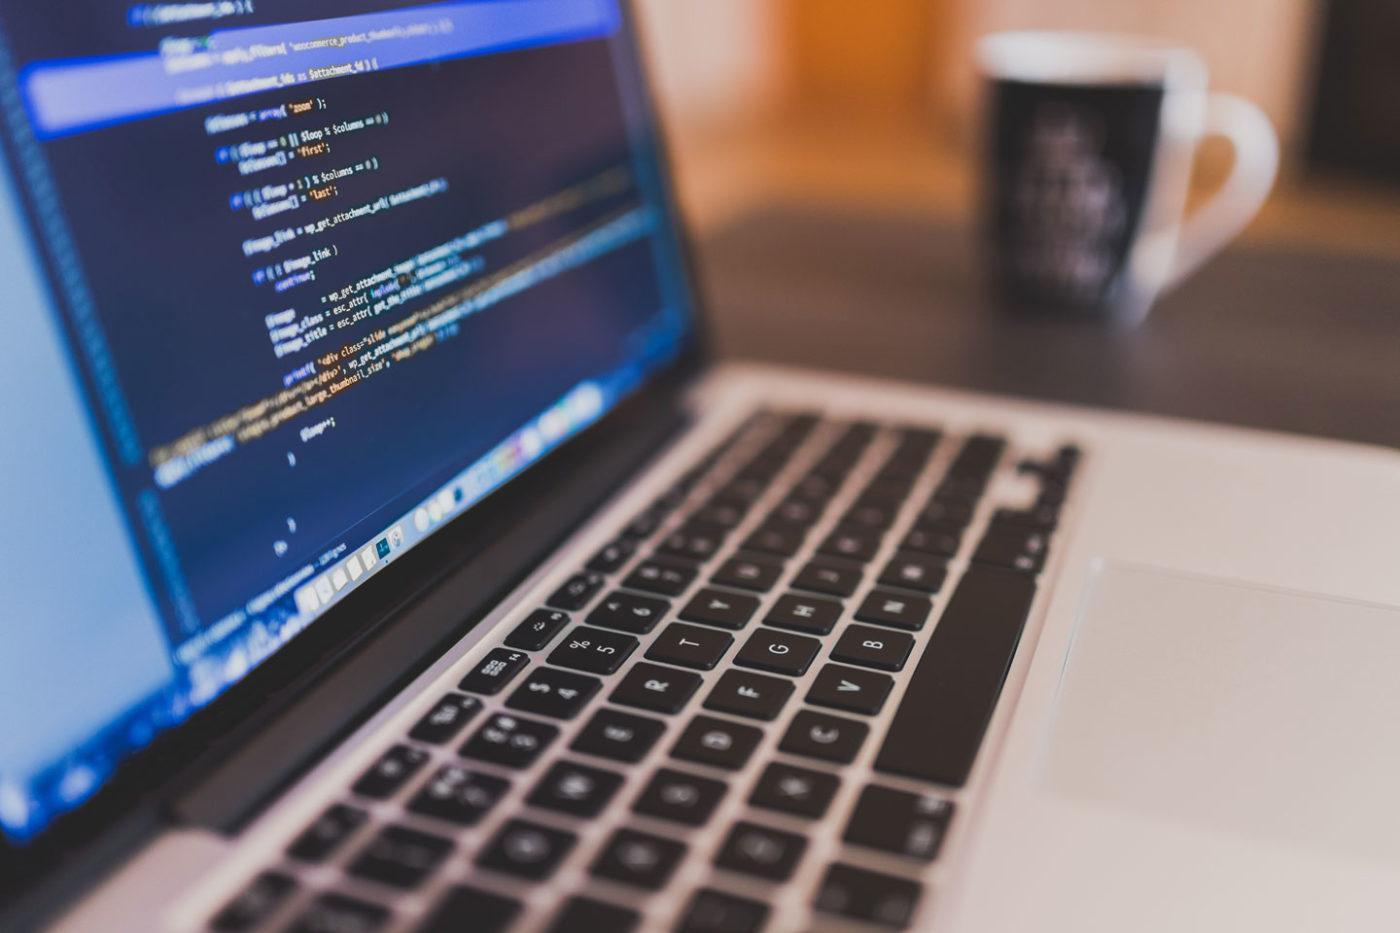 視乎行業的不同,網站的設計也會有所分別,但起碼要有三大基本原則:方便使用 (User-Friendly)、內容豐富 (Content) 和有美觀的介面 (Interface)。(圖:網上圖片)